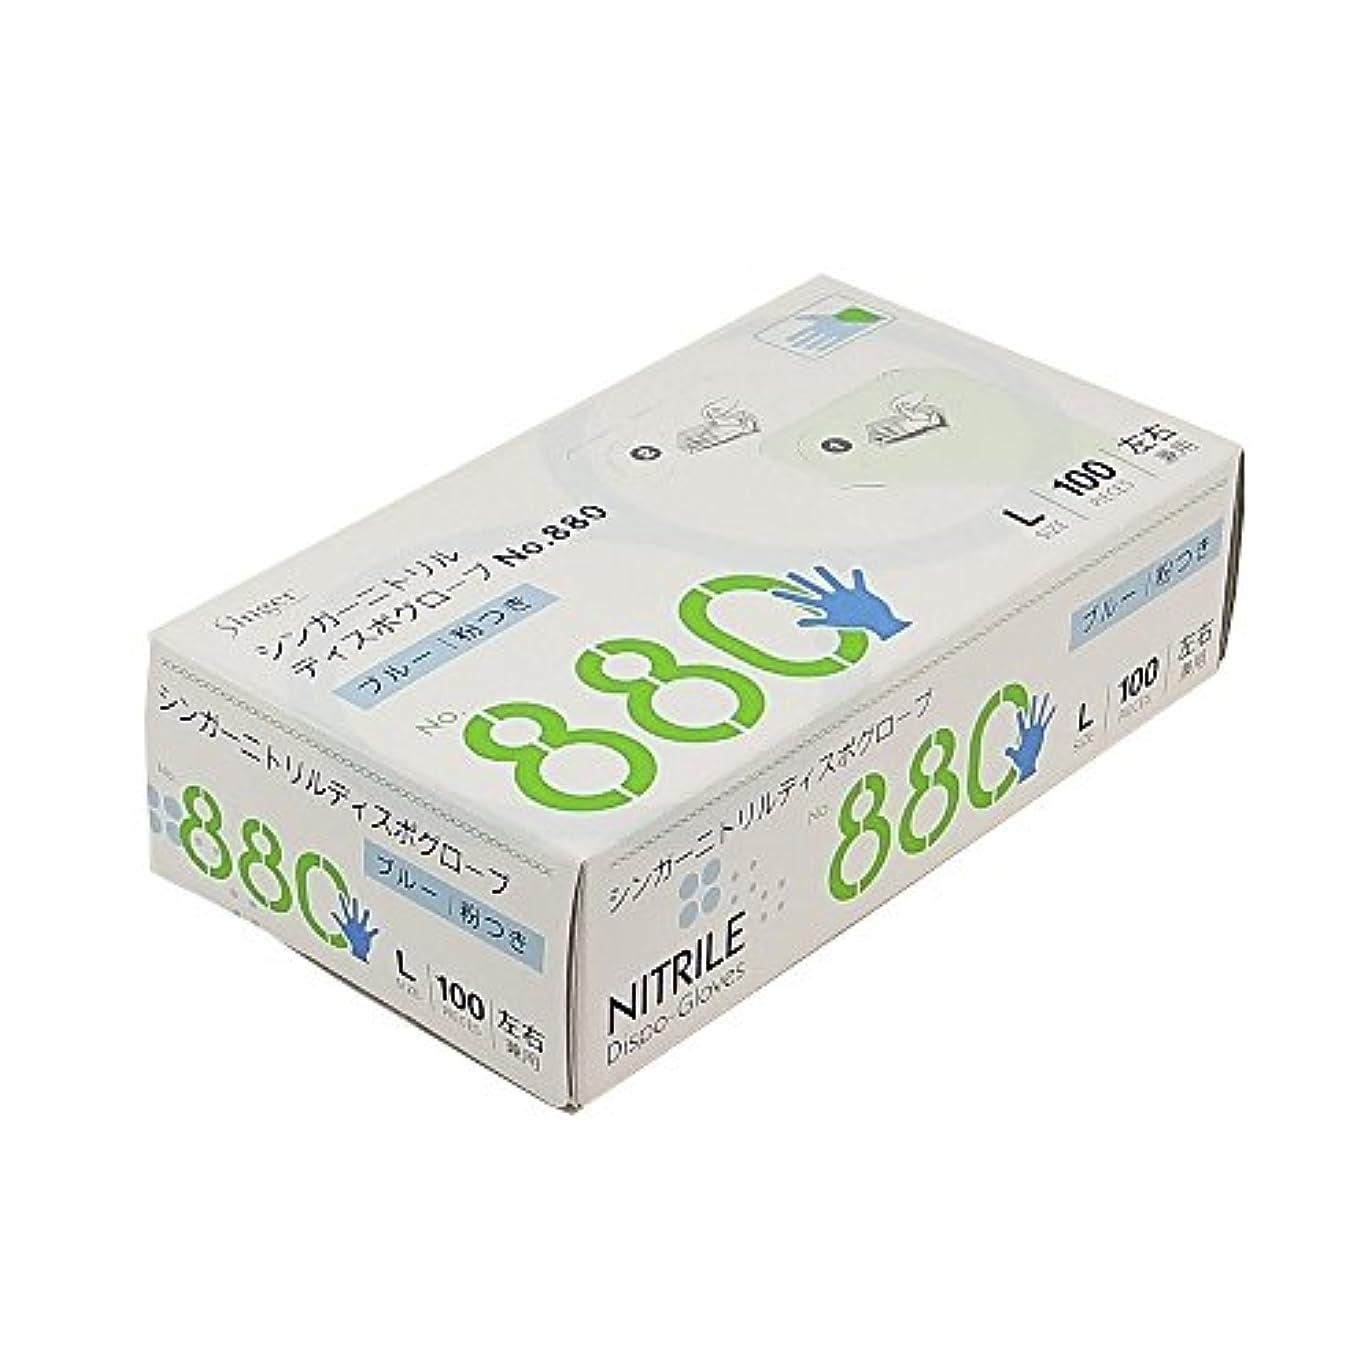 宇都宮製作 ディスポ手袋 シンガーニトリルディスポグローブ No.880 ブルー 粉付 100枚入  L